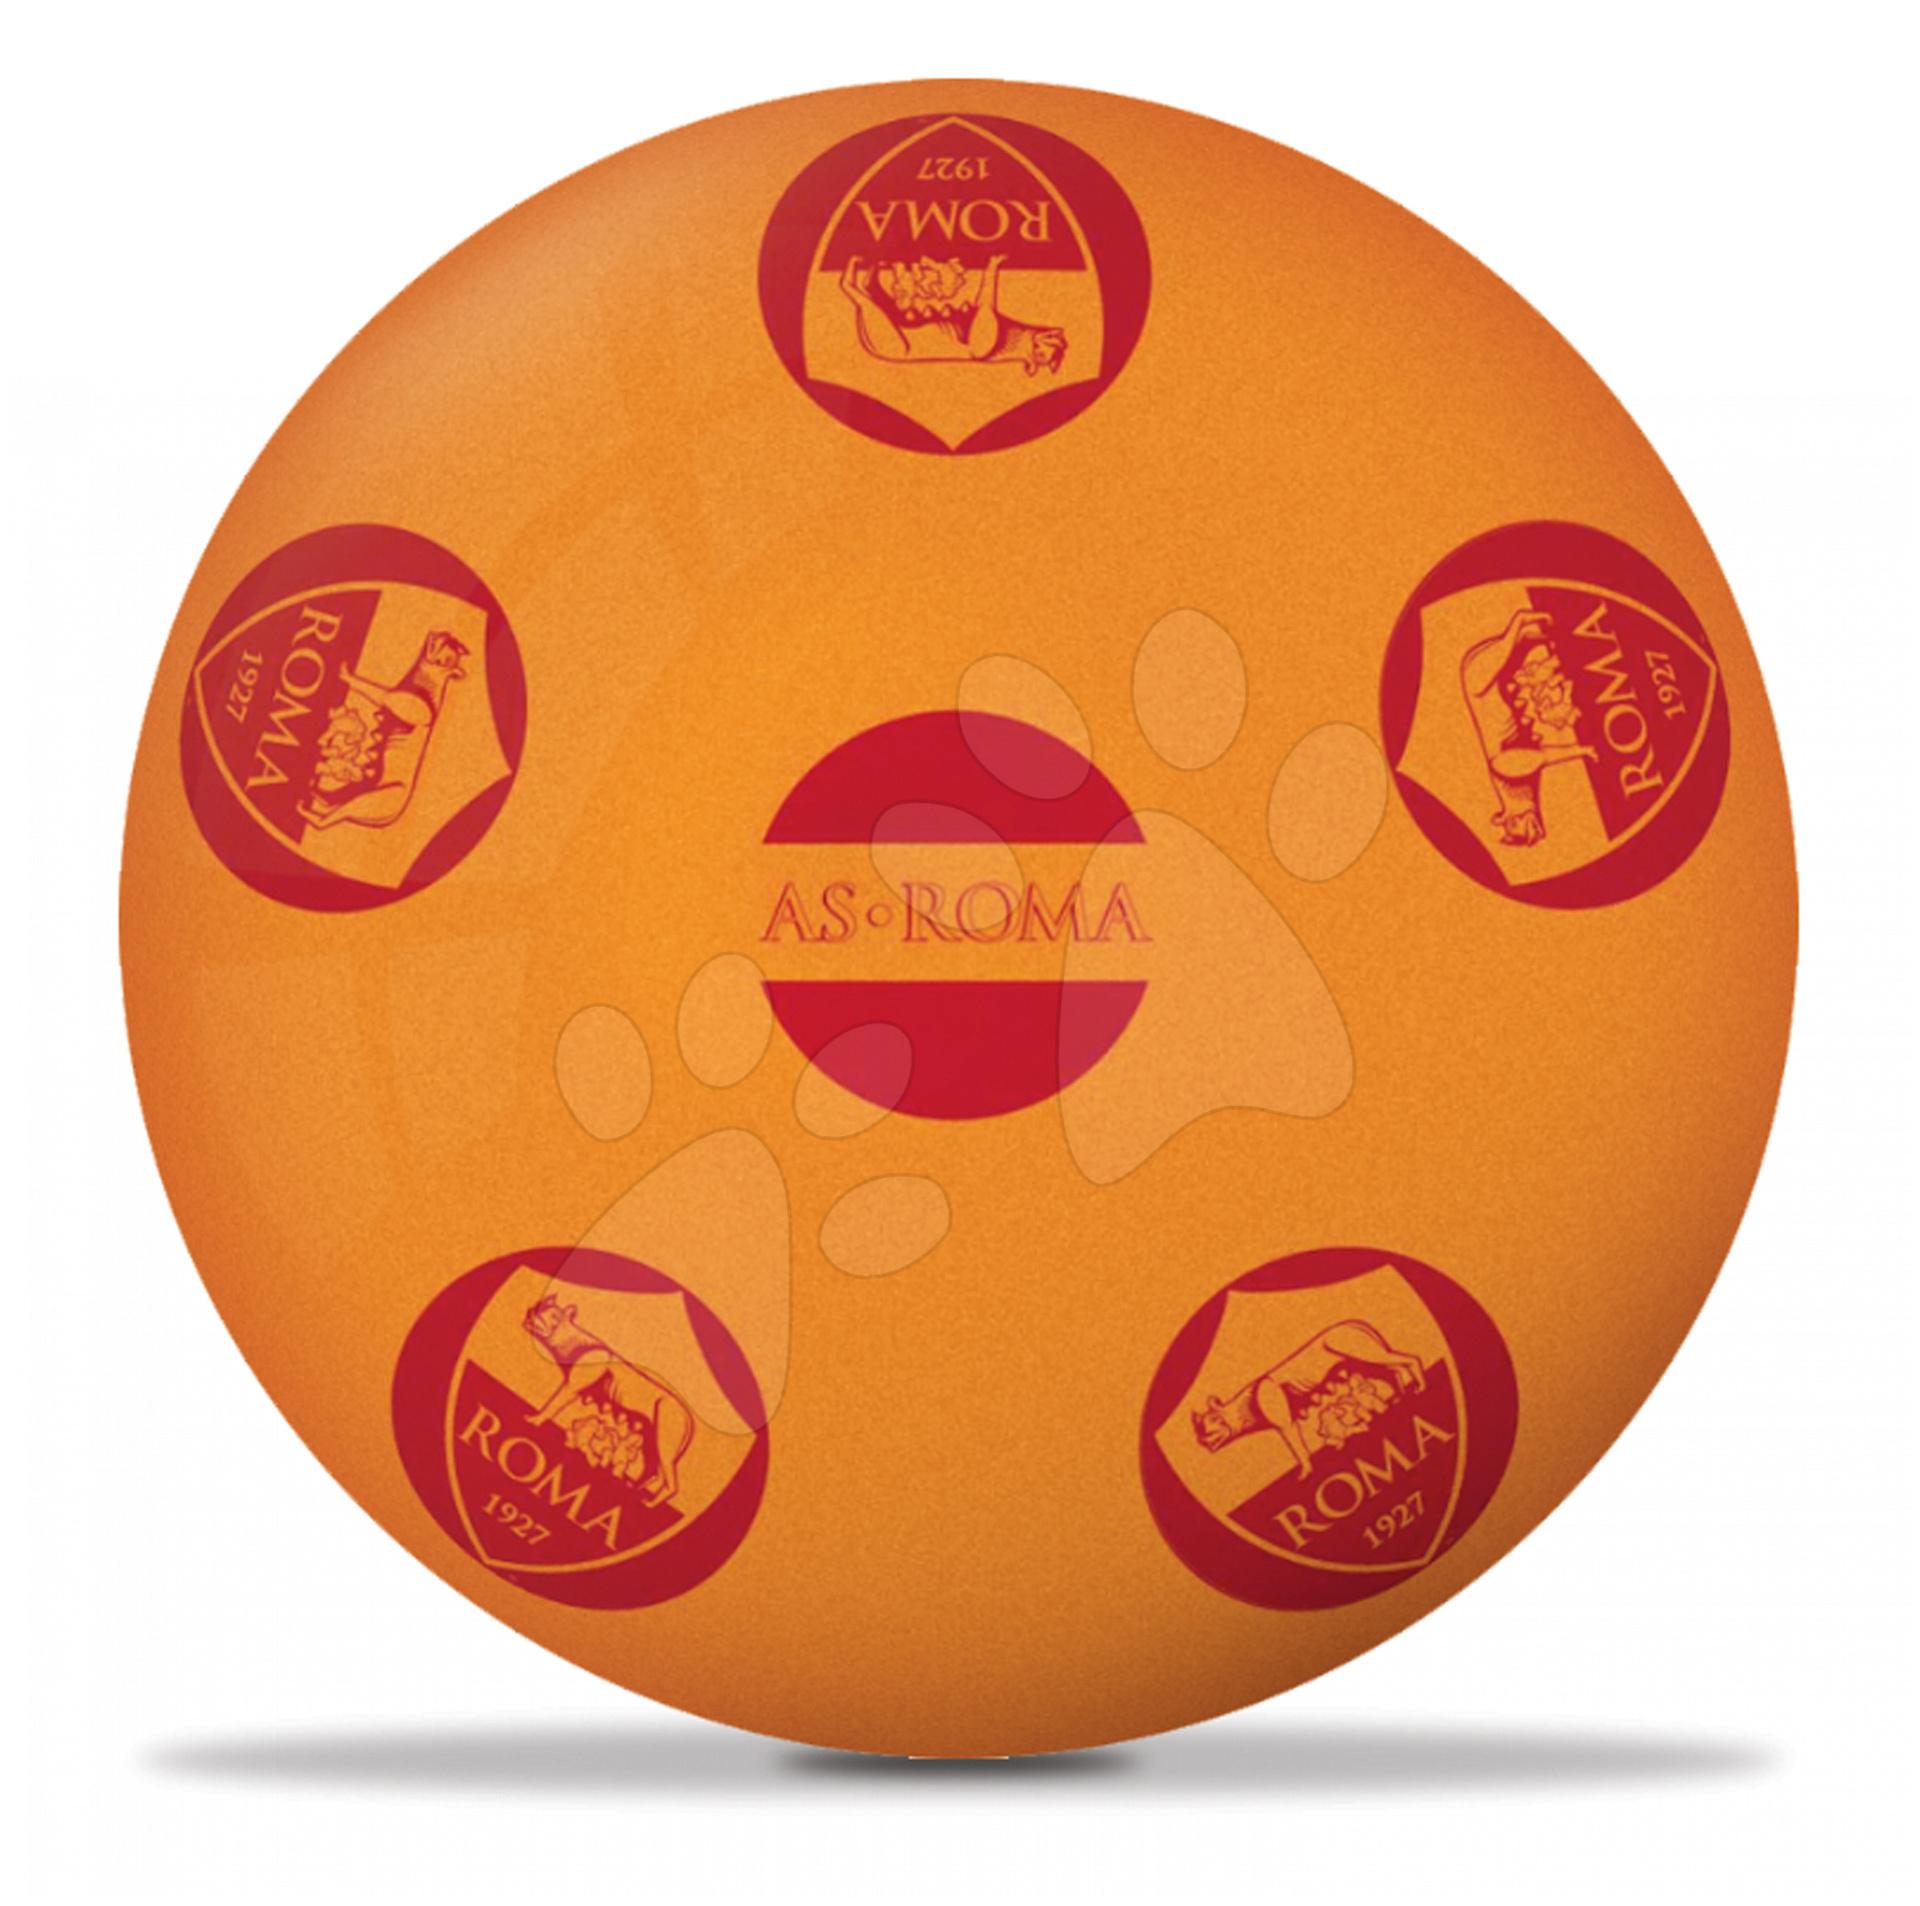 Staré položky - Penová lopta A.S. Roma Mondo oranžová 20 cm